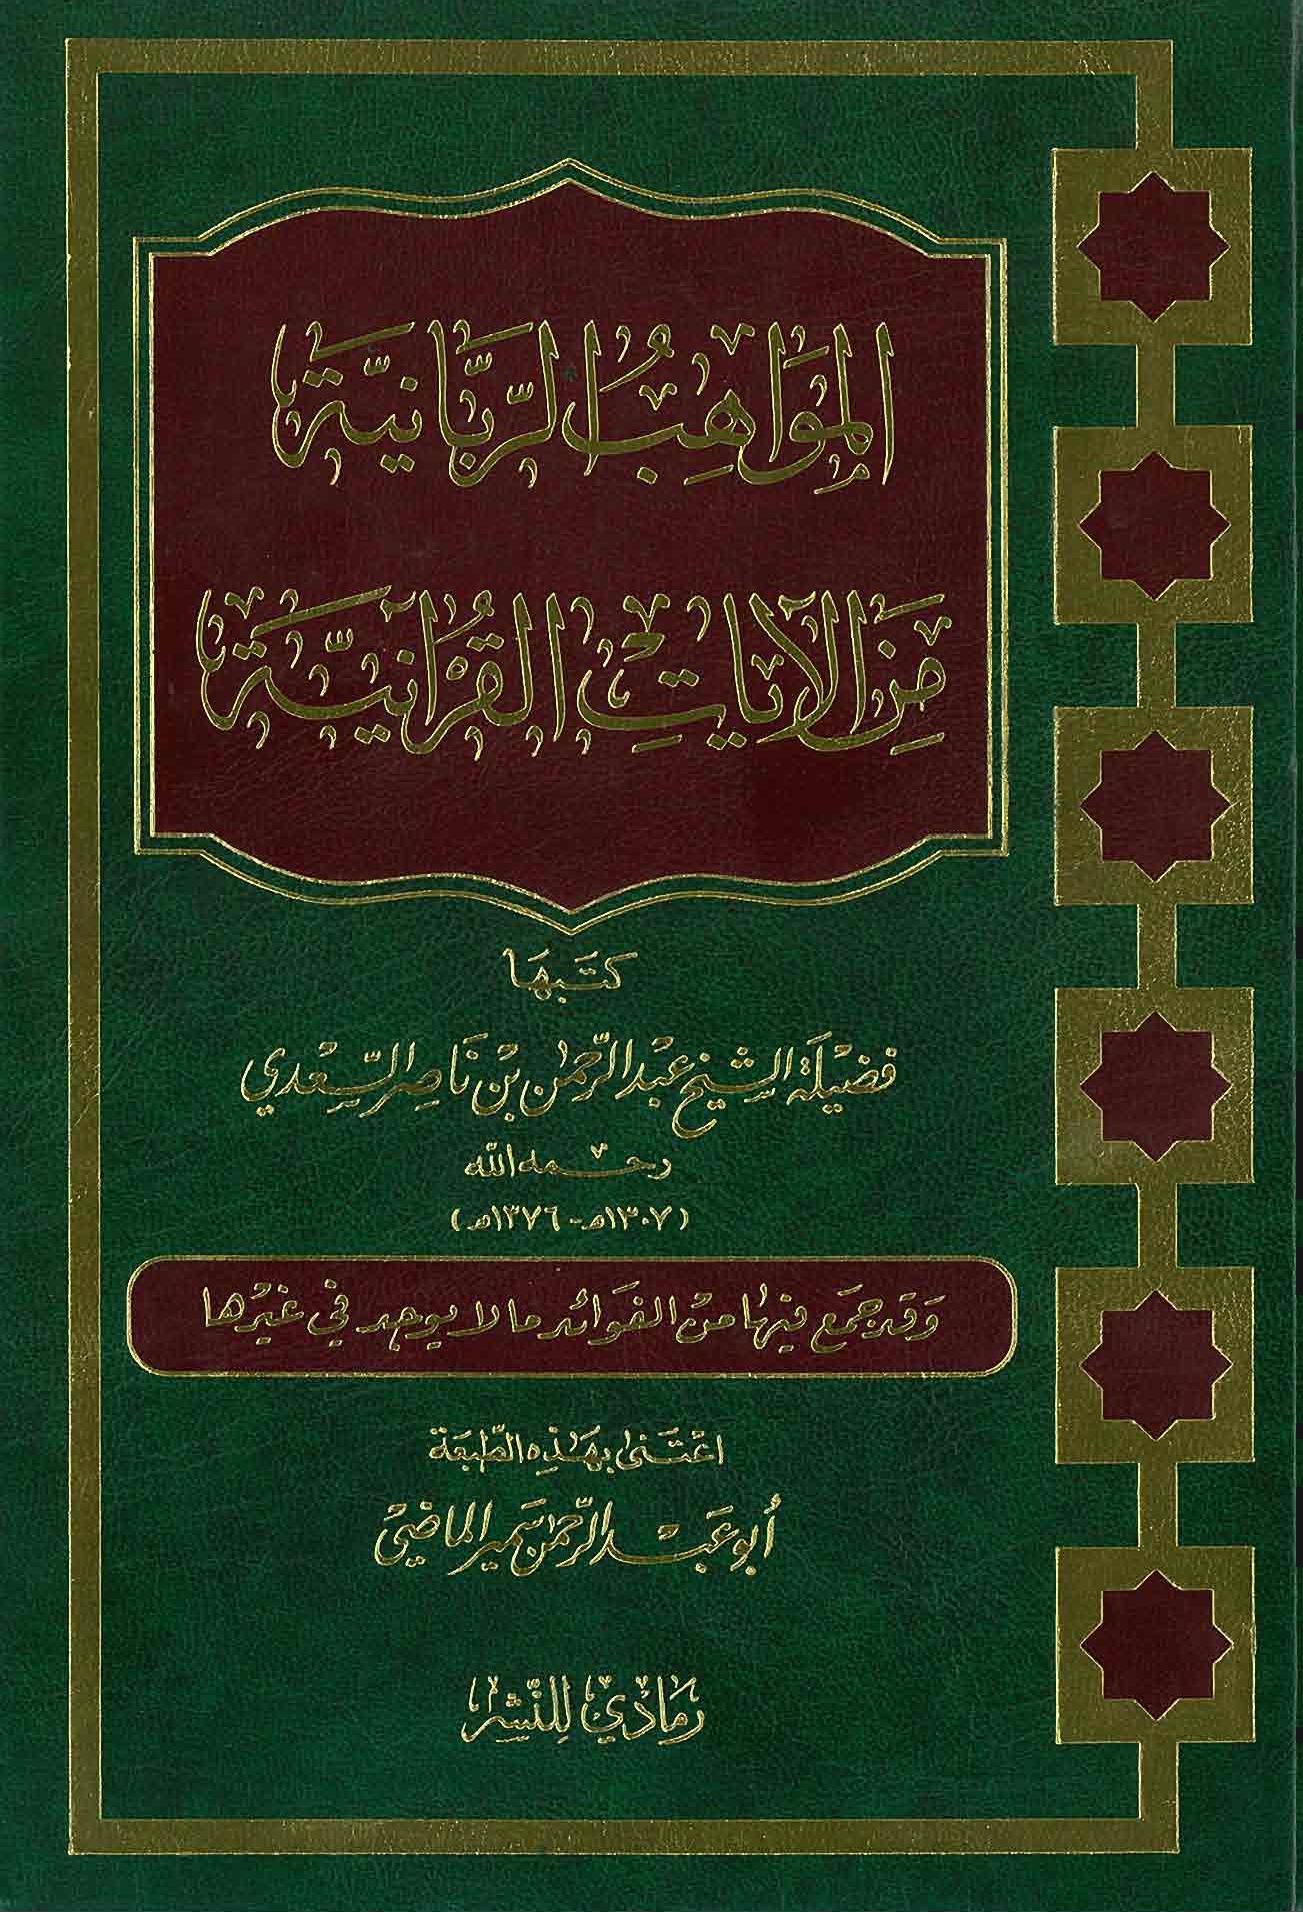 تحميل كتاب المواهب الربانية من الآيات القرآنية لـِ: العلامة عبد الرحمن بن ناصر السعدي